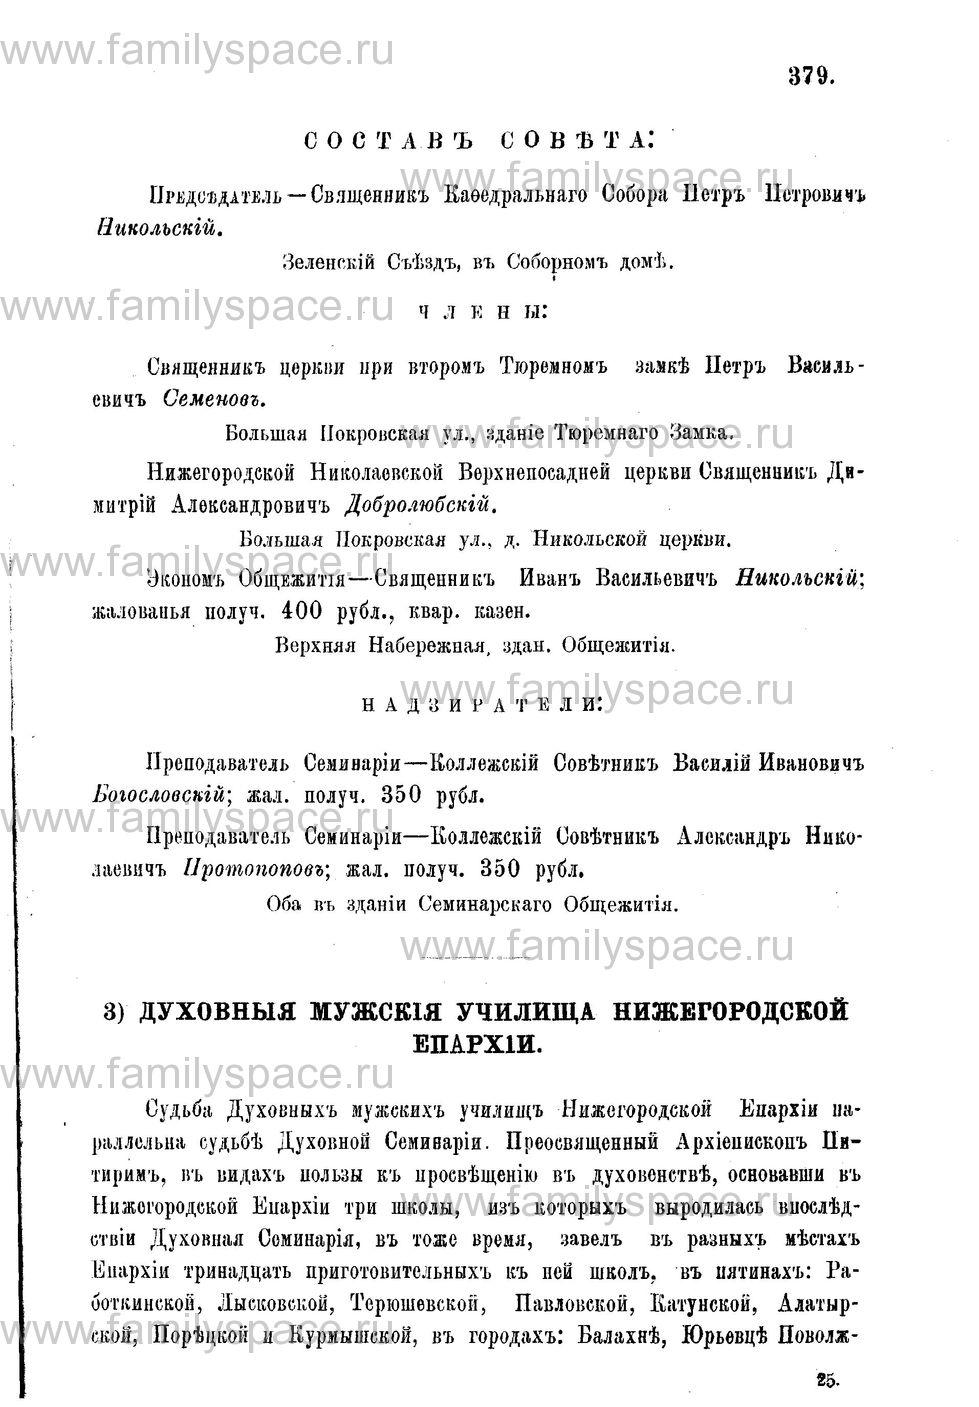 Поиск по фамилии - Адрес-календарь Нижегородской епархии на 1888 год, страница 1379